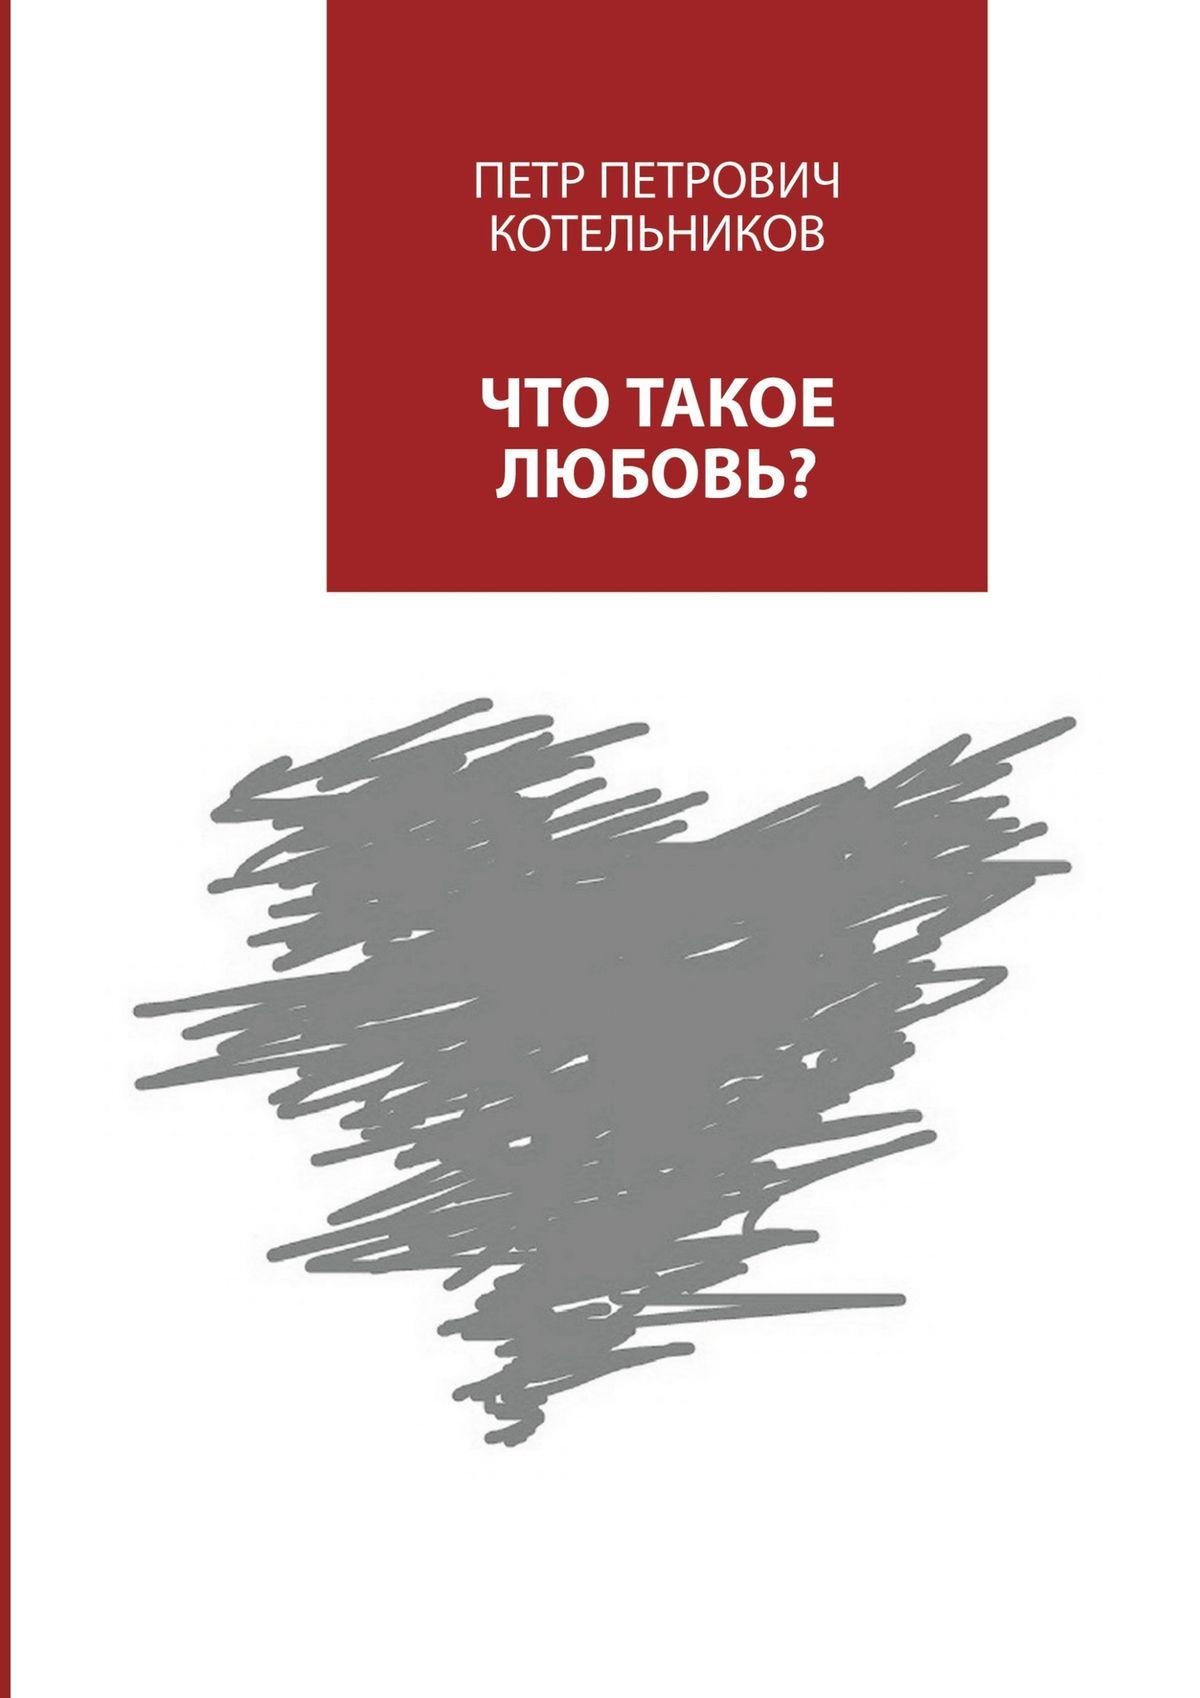 Петр Петрович Котельников Что такое любовь?